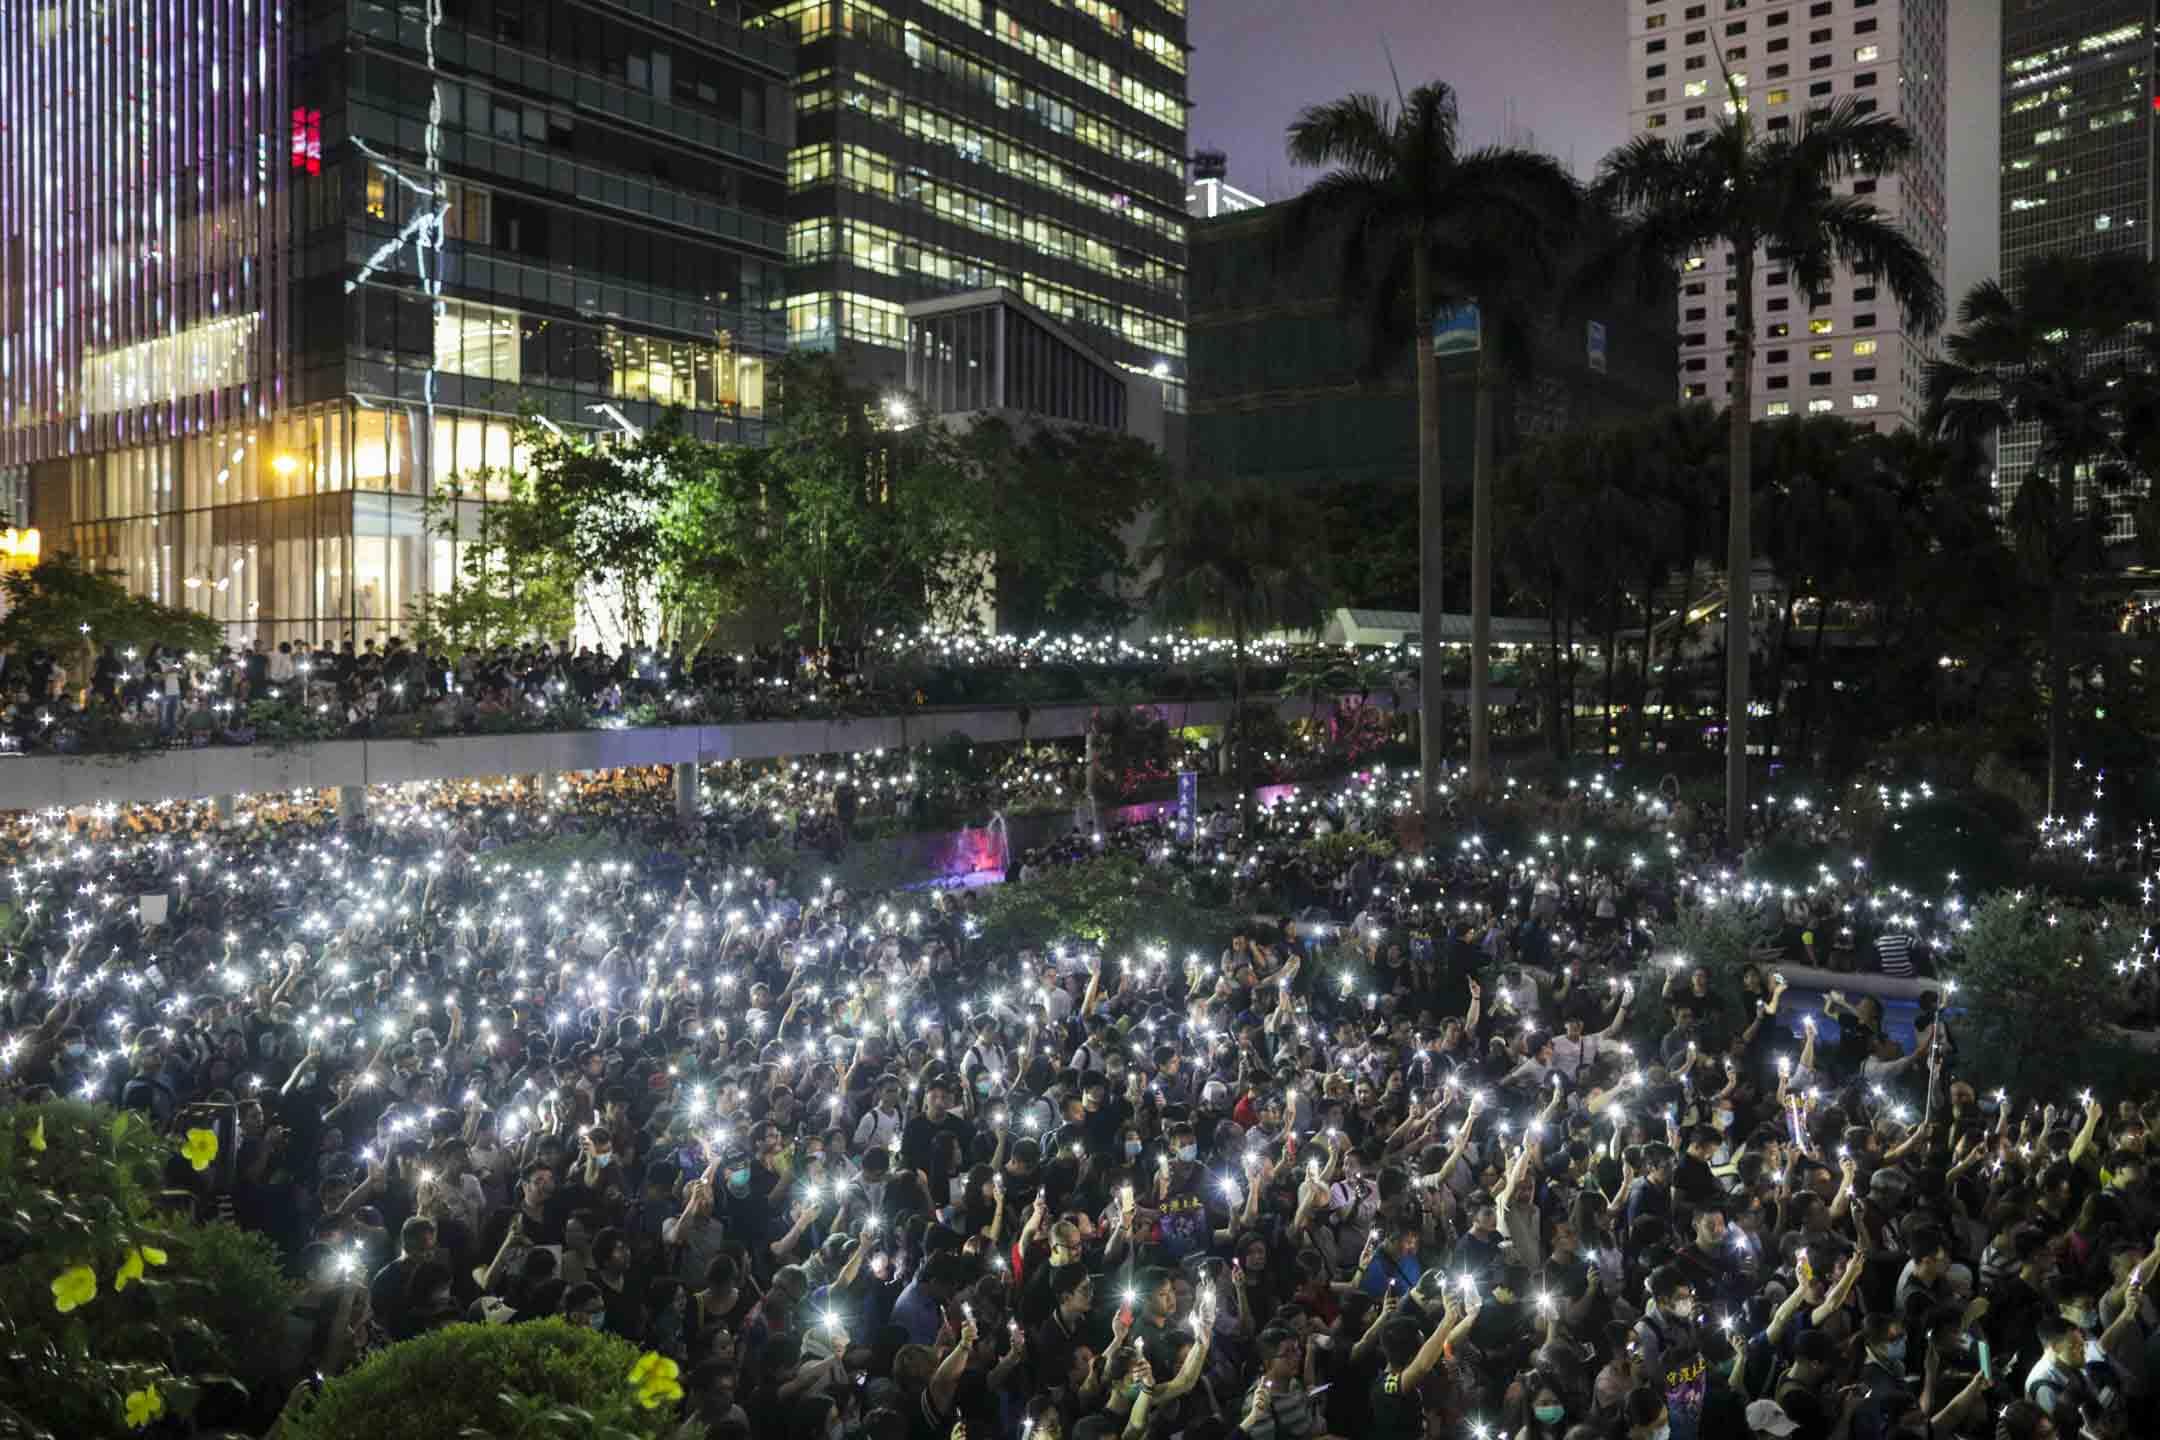 2019年8月2日,香港公務員在中環遮打花園發起的集會,全場參加者舉起手機燈。